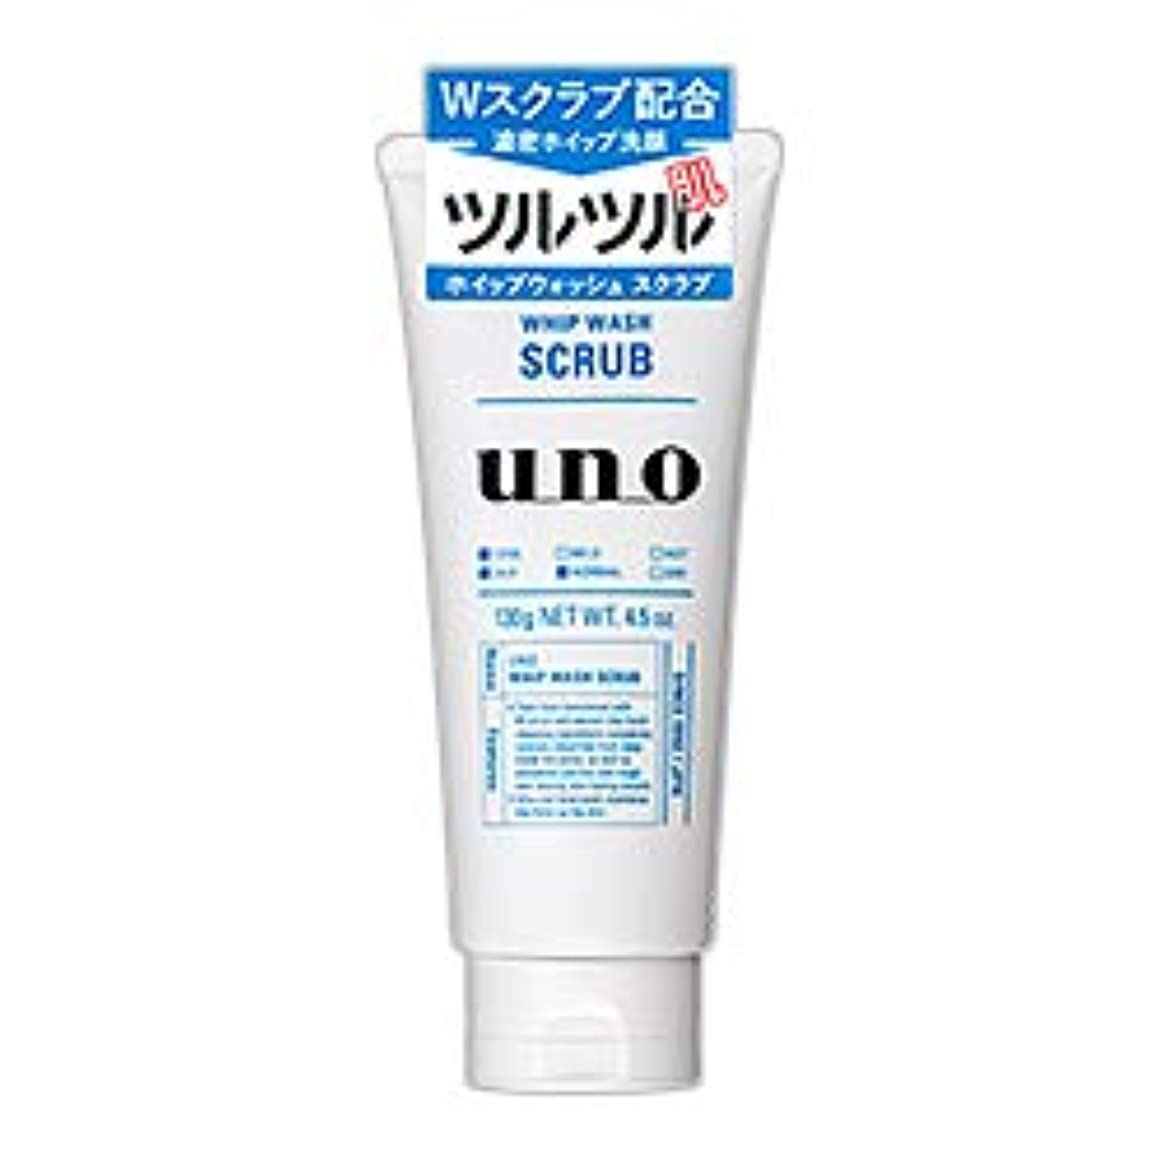 未満リフレッシュディレクトリ【資生堂】ウーノ(uno) ホイップウォッシュ (スクラブ) 130g ×4個セット